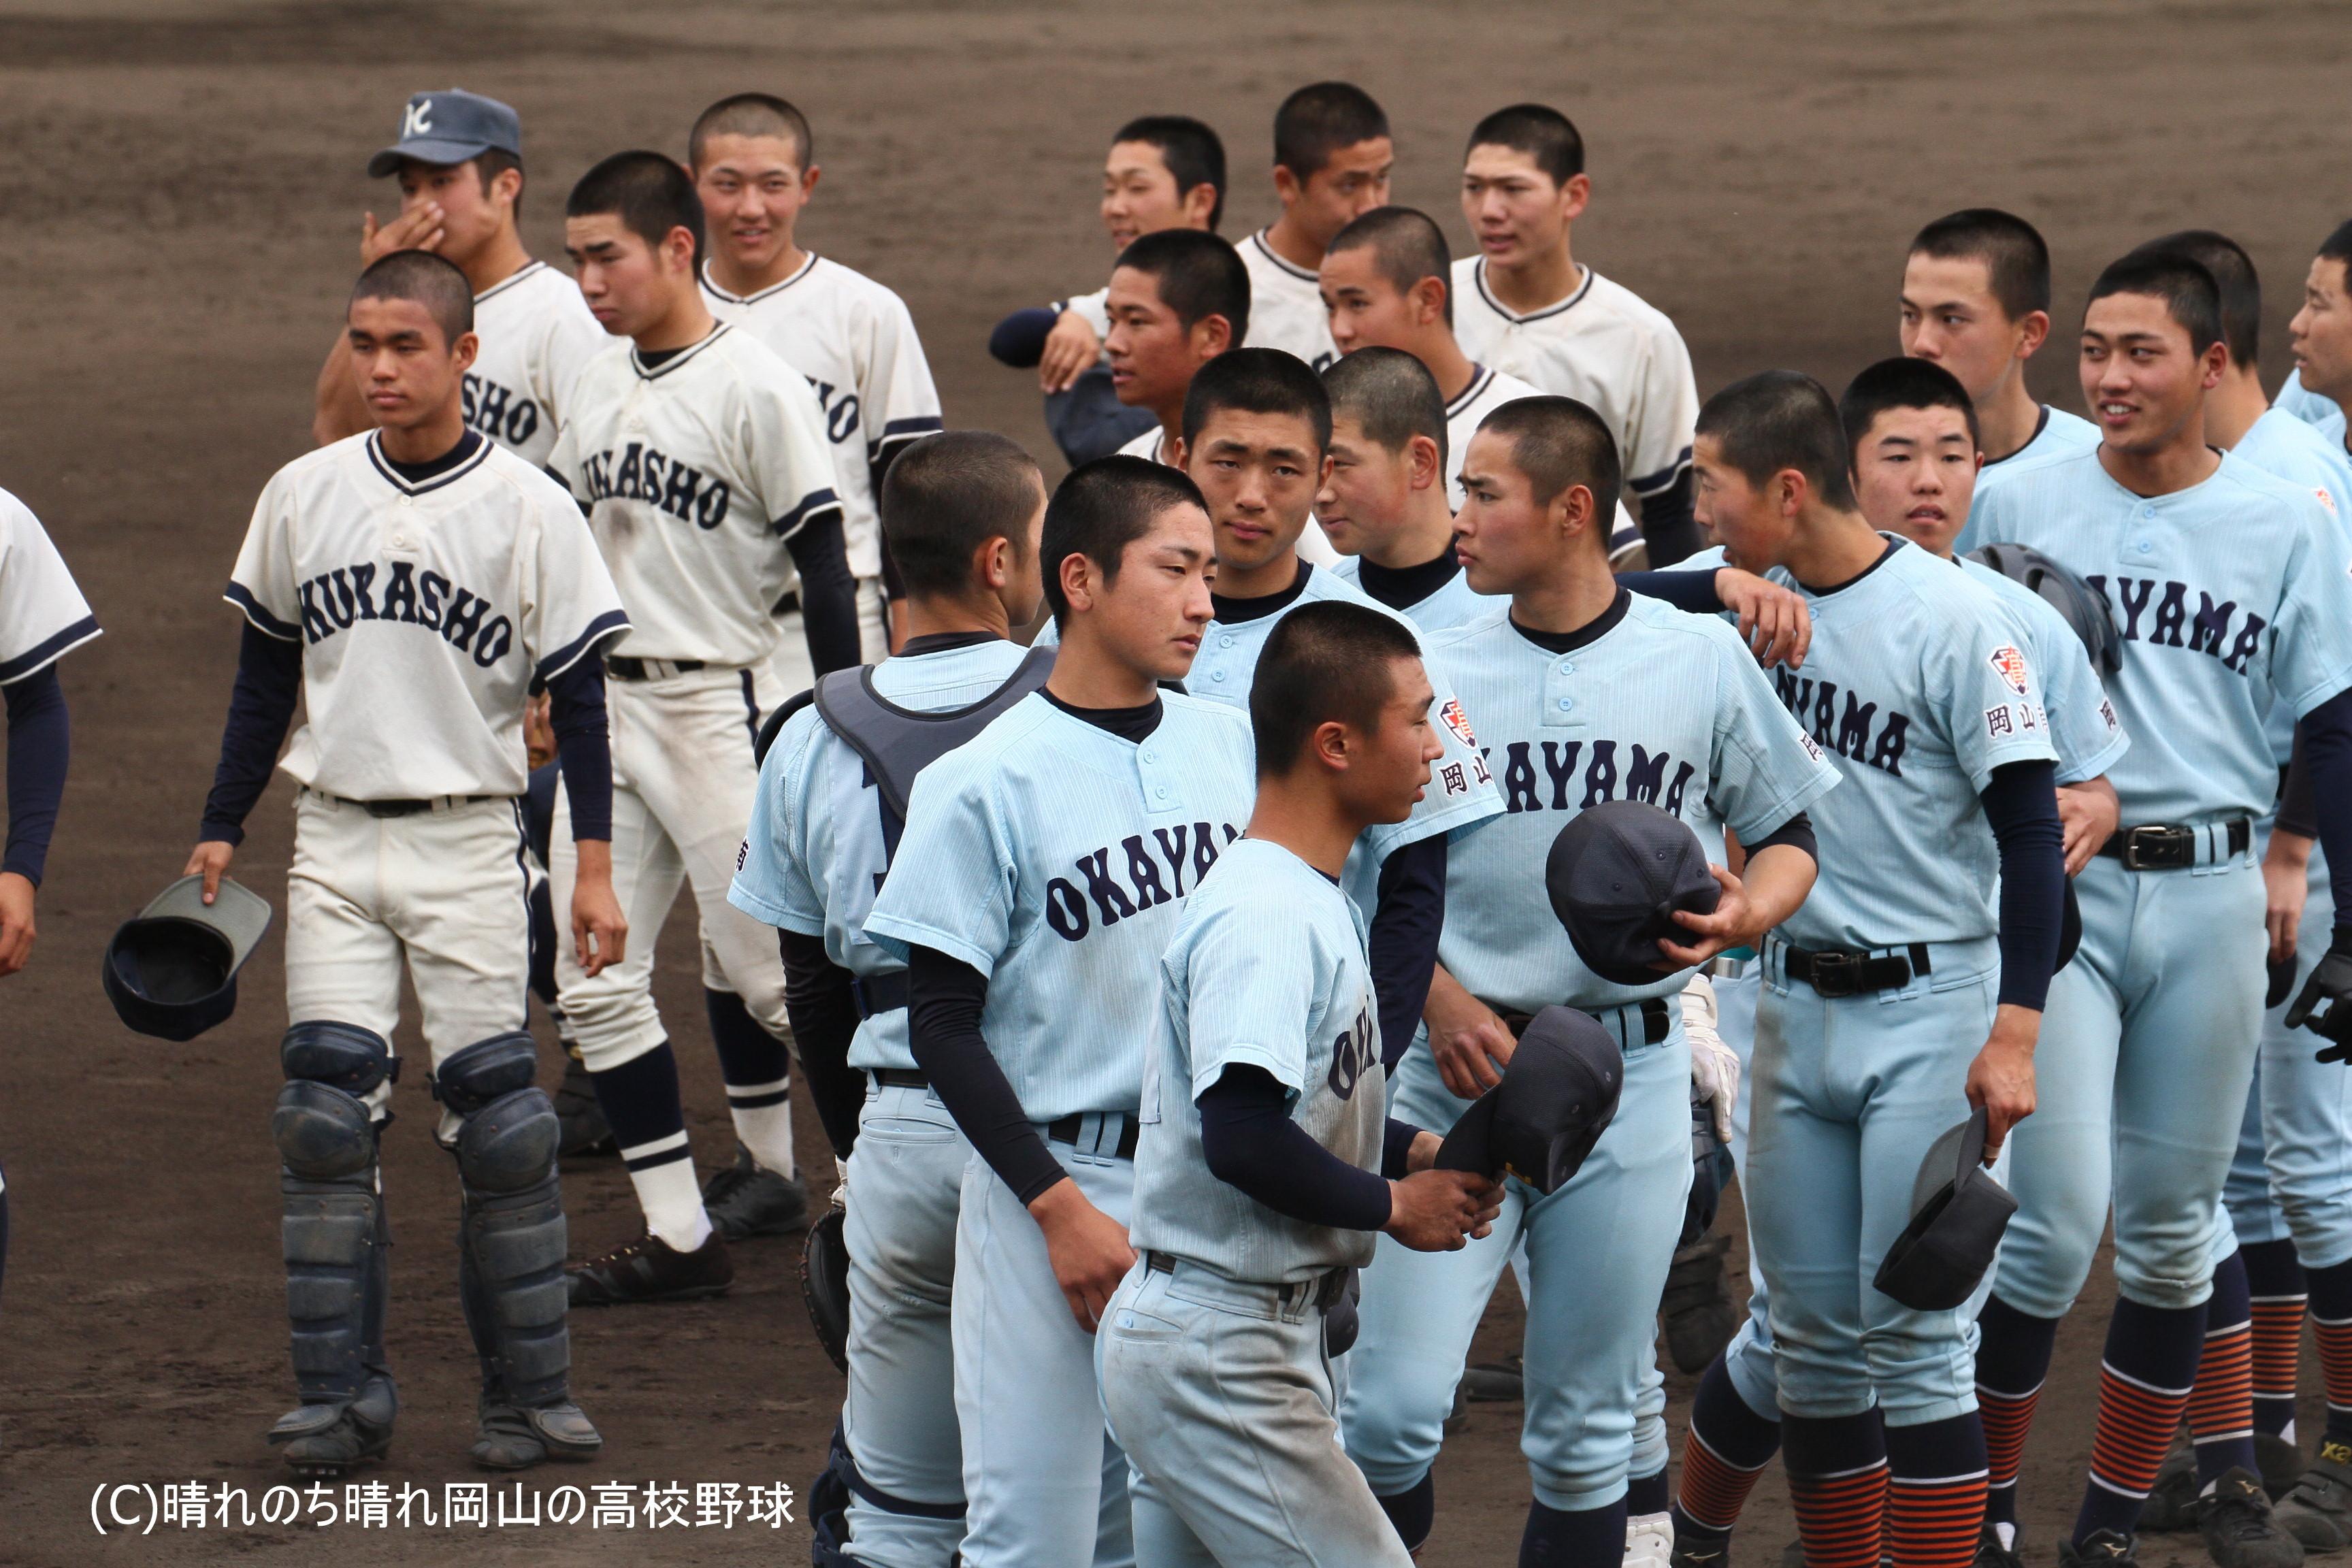 岡山県高校野球 2ch